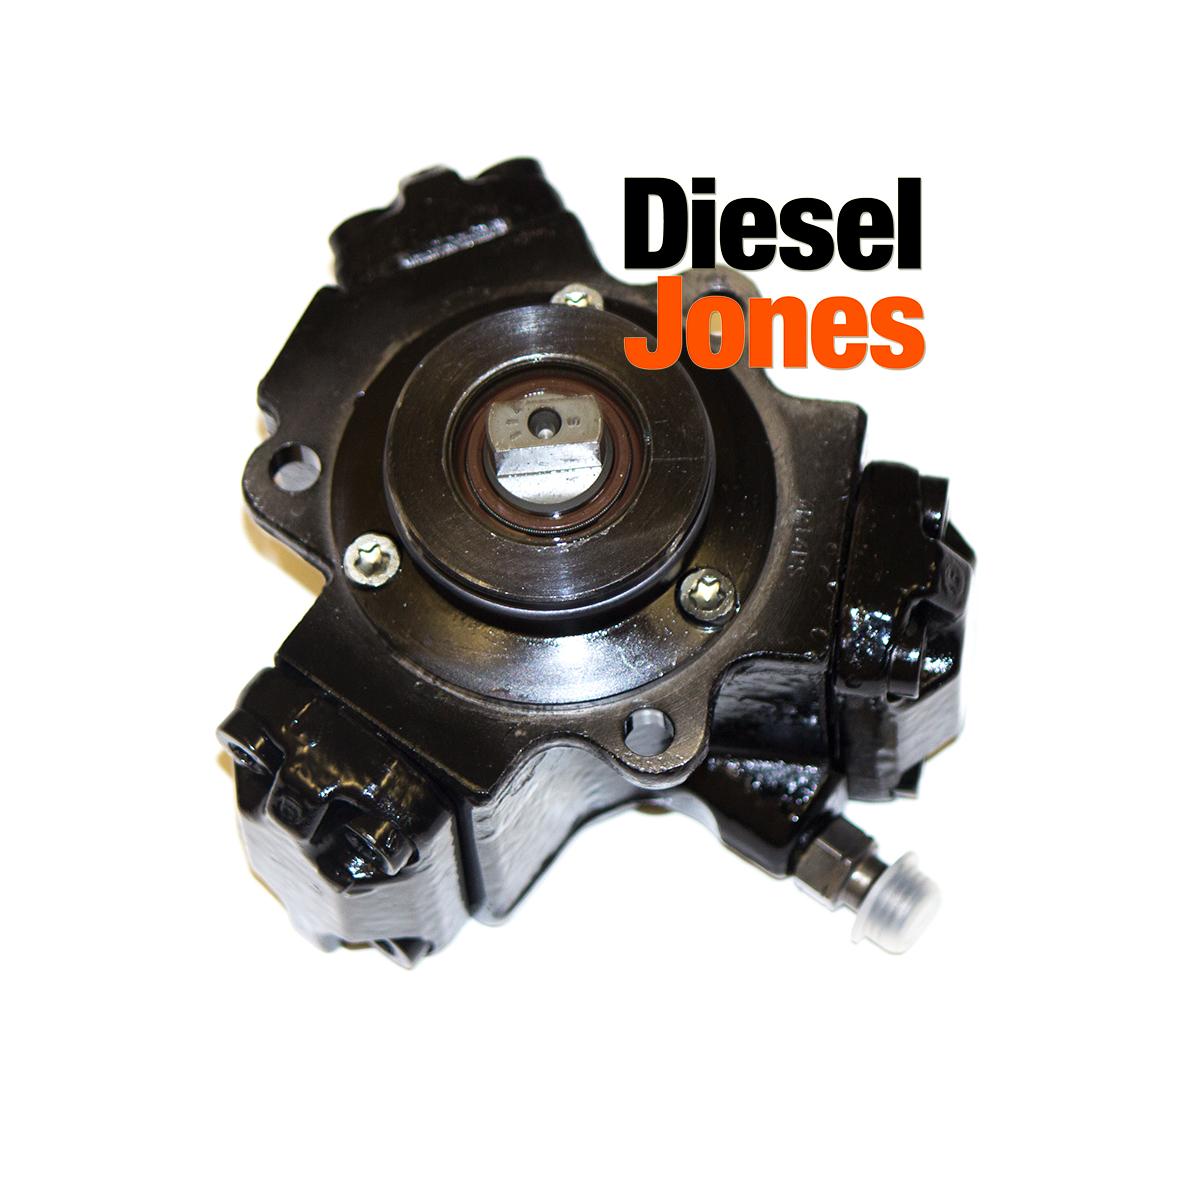 Kia Cerato 2.0 CRDi 2004-2009 New Bosch Diesel Fuel Pump 0445010279